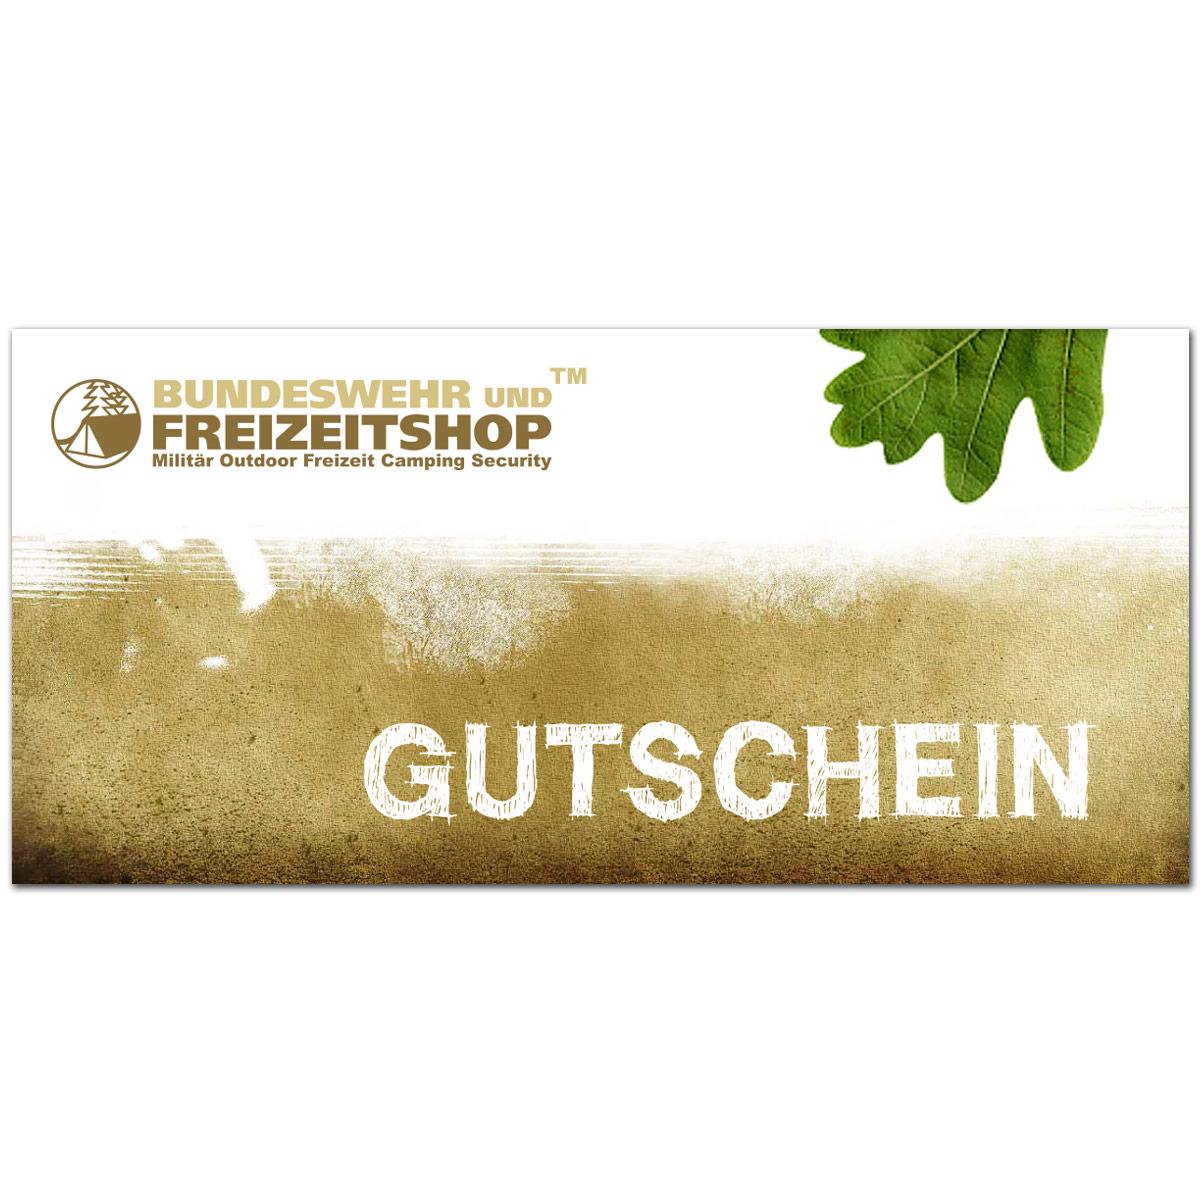 Bw Online Shop Gutscheincode